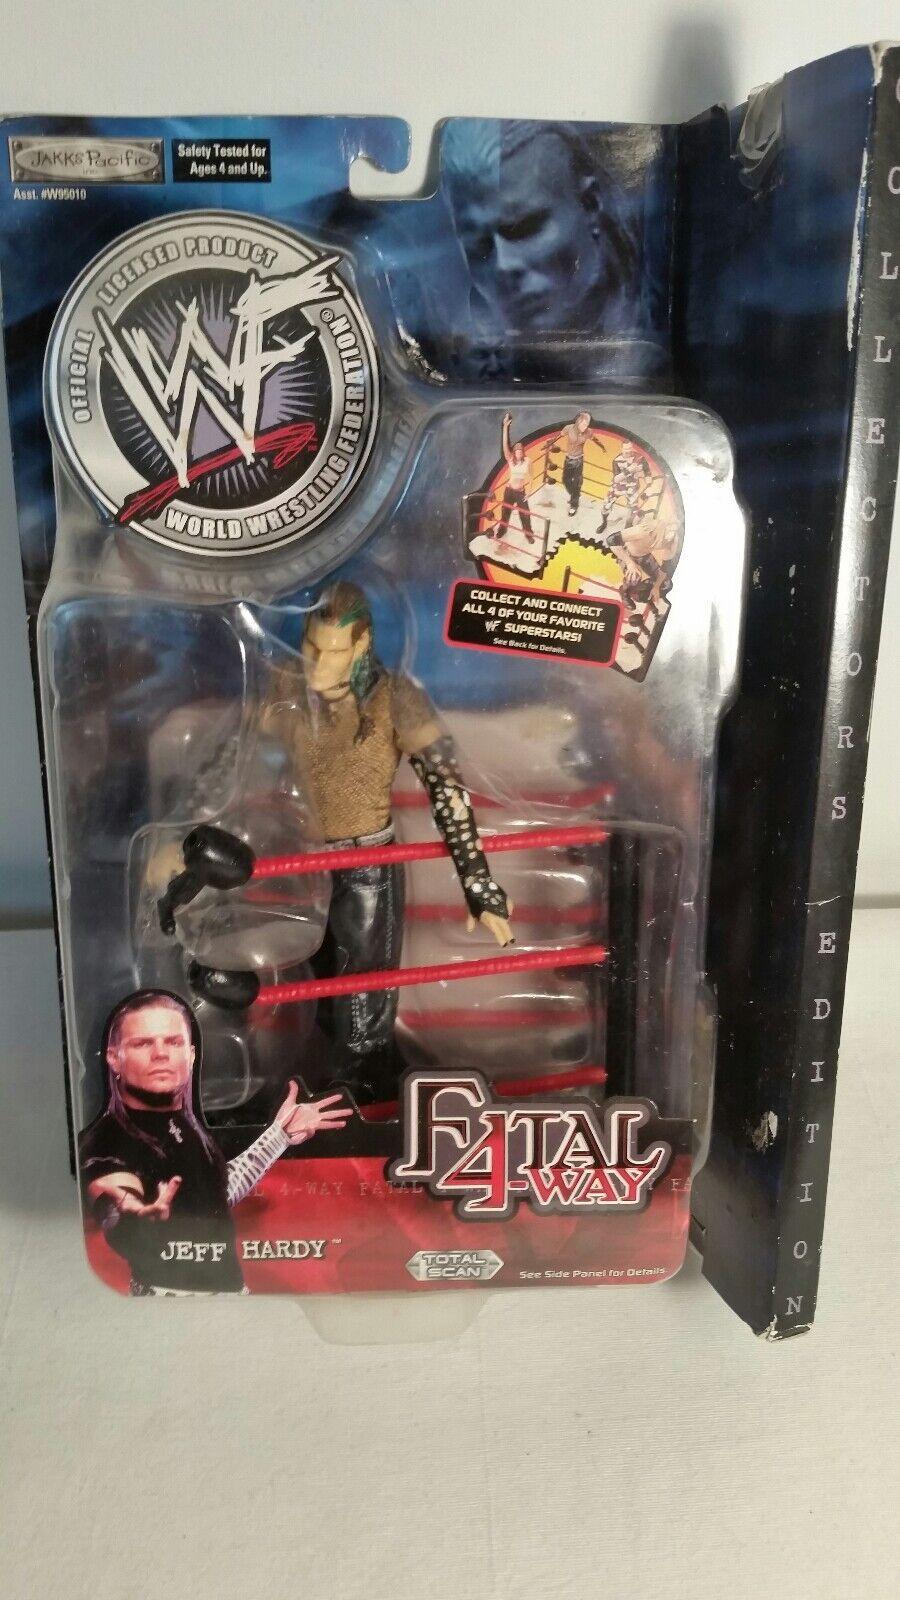 WWE Jeff Hardy Fatal 4 Way Action Figure Jakks Pacific Wrestling 2001 Series 4